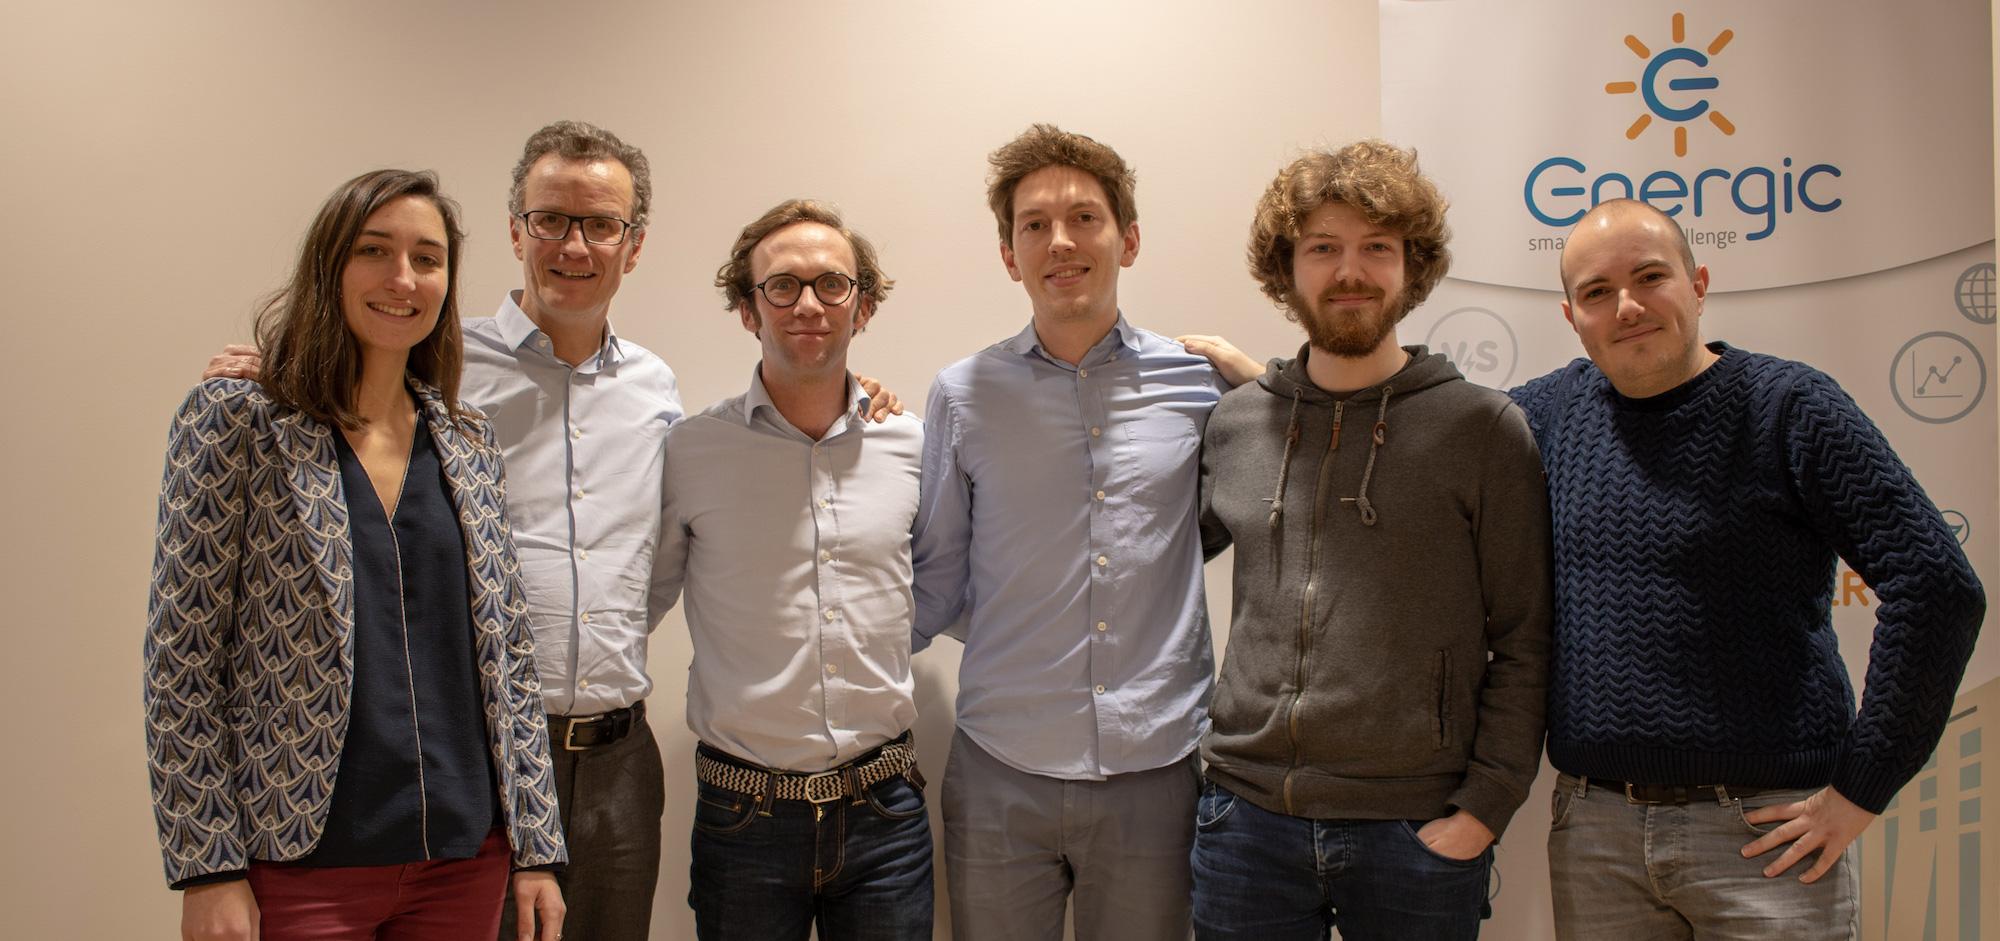 Environnement - l'équipe de la startup Energic